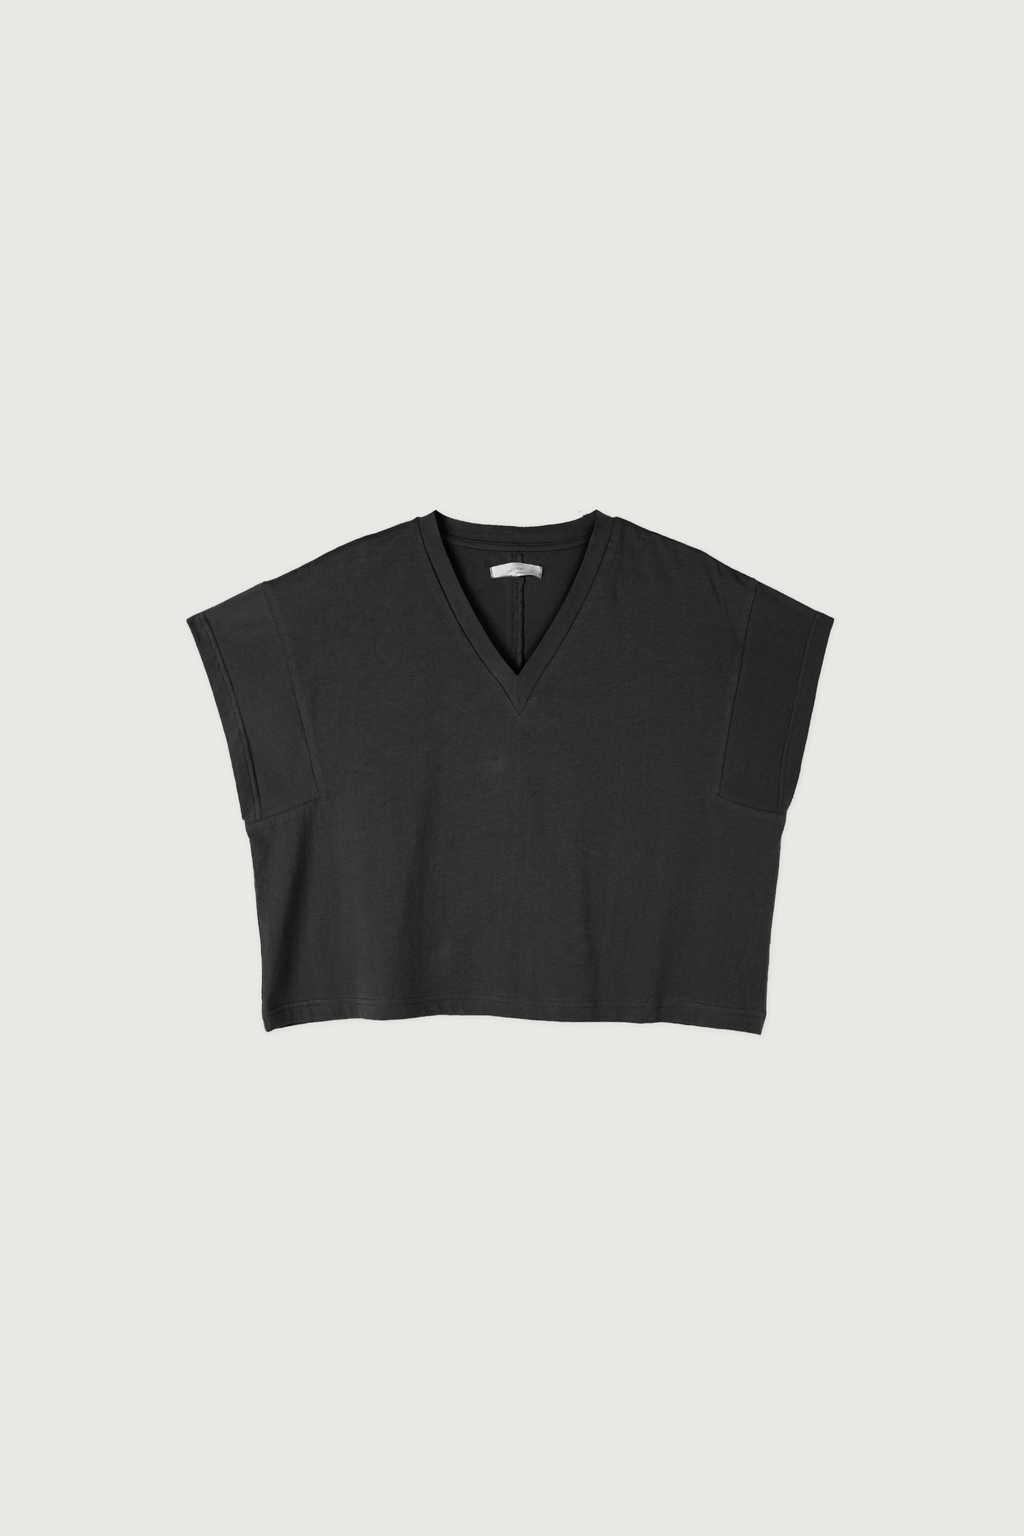 TShirt 3203 Black 7